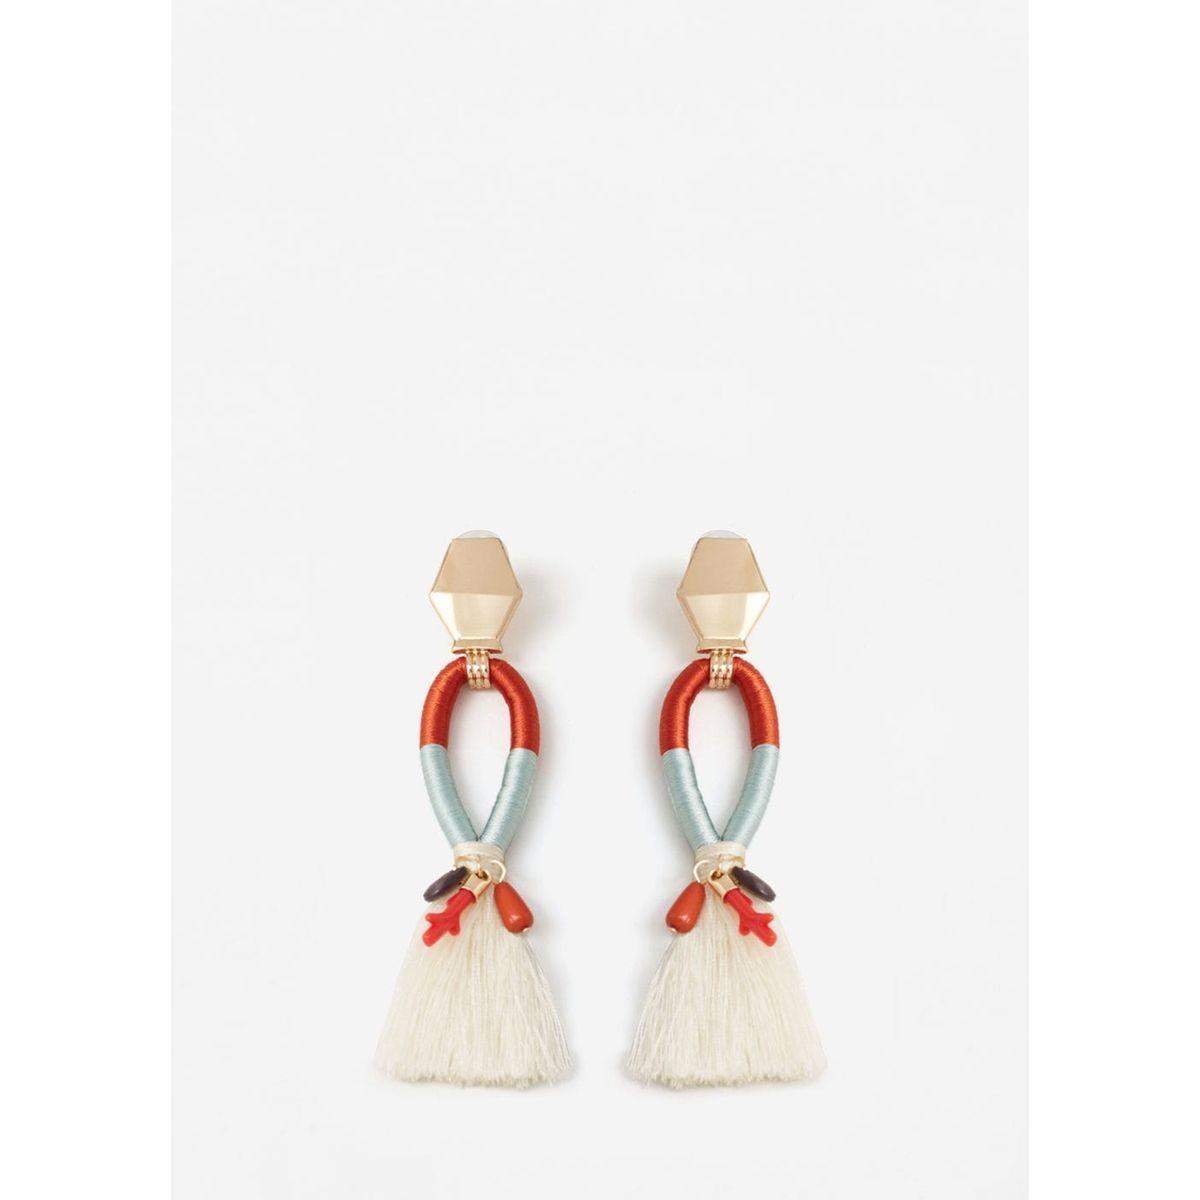 boucles d oreilles pompon la redoute on veut des boucles d 39 oreilles pompons elle. Black Bedroom Furniture Sets. Home Design Ideas